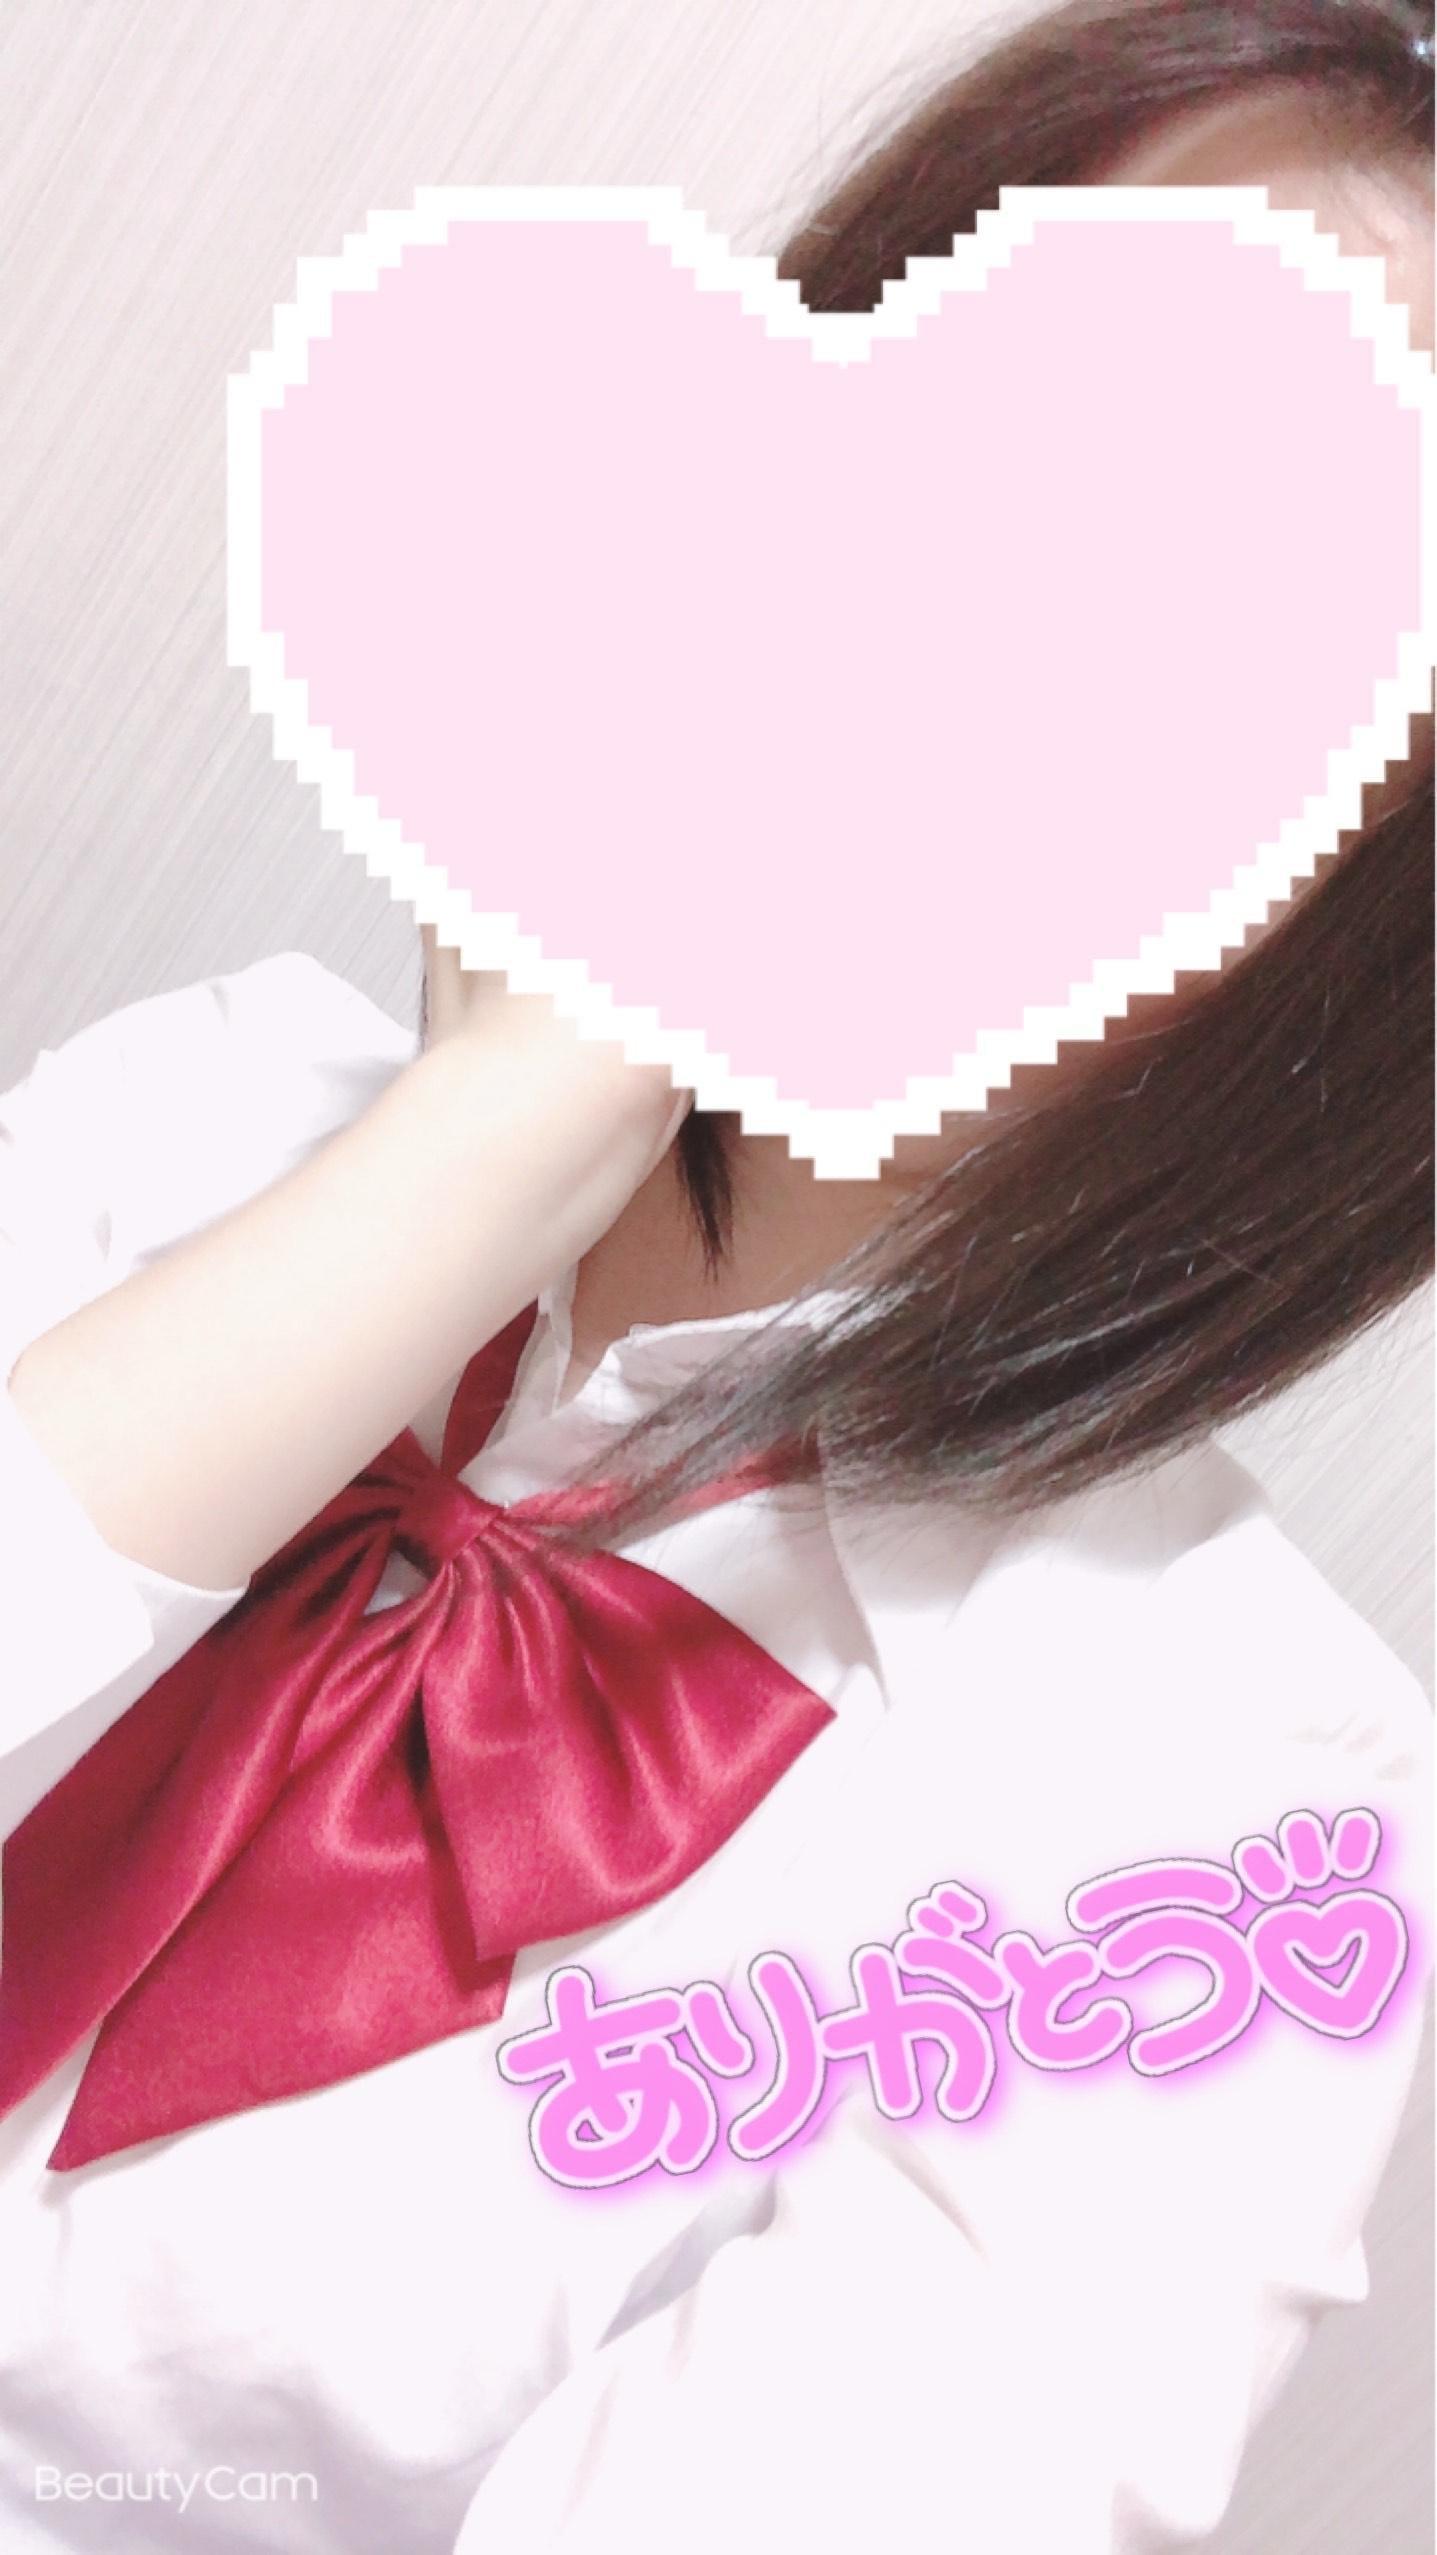 「ファインのお兄ちゃんへ」03/01(月) 20:41 | つぼみ☆業界未経験☆の写メ・風俗動画